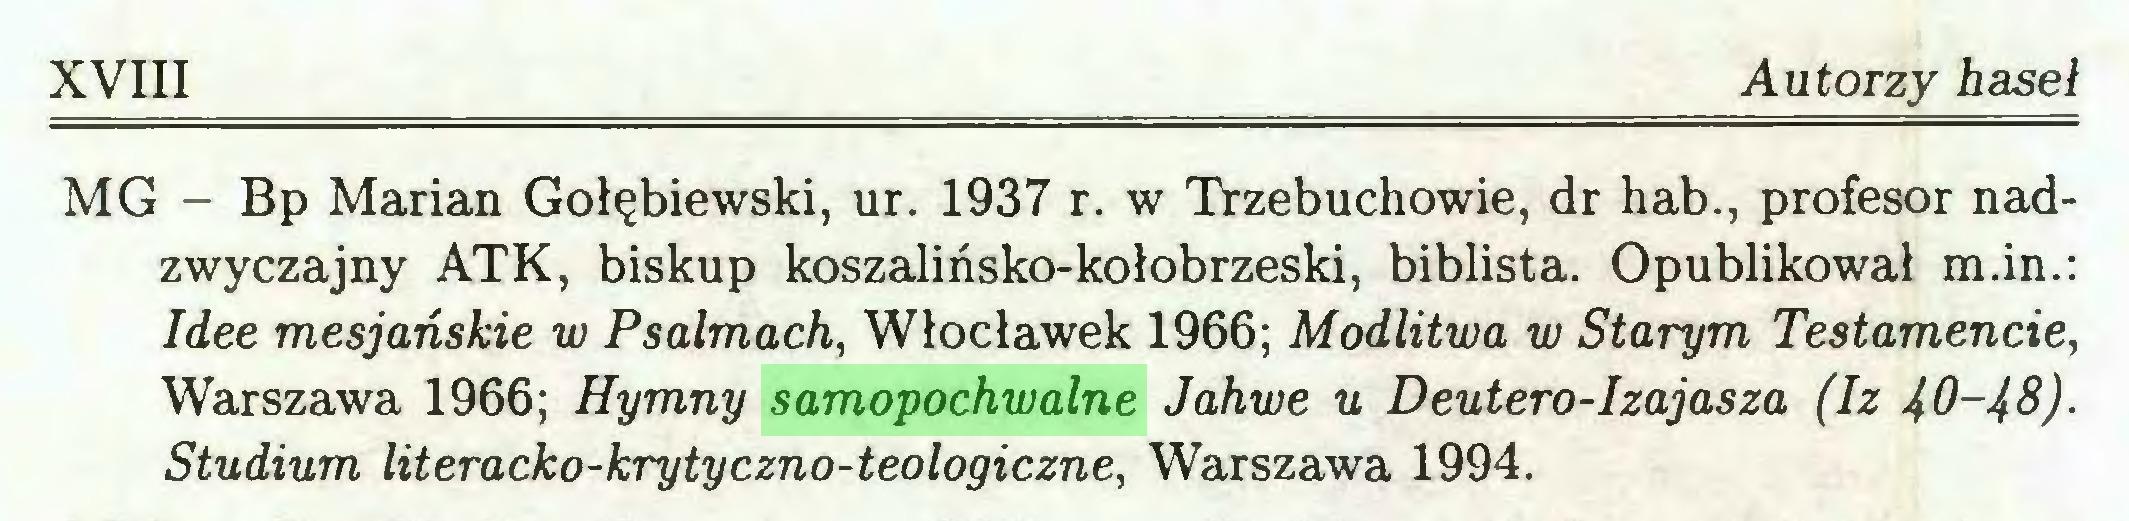 (...) XVIII Autorzy haseł MG - Bp Marian Gołębiewski, ur. 1937 r. w Trzebuchowie, dr hab., profesor nadzwyczajny ATK, biskup koszalińsko-kołobrzeski, biblista. Opublikował m.in.: Idee mesjańskie w Psalmach, Włocławek 1966; Modlitwa w Starym Testamencie, Warszawa 1966; Hymny samopochwalne Jahwe u Deutero-Izajasza (Iz 40-4&)Studium literacko-krytyczno-teologiczne, Warszawa 1994...